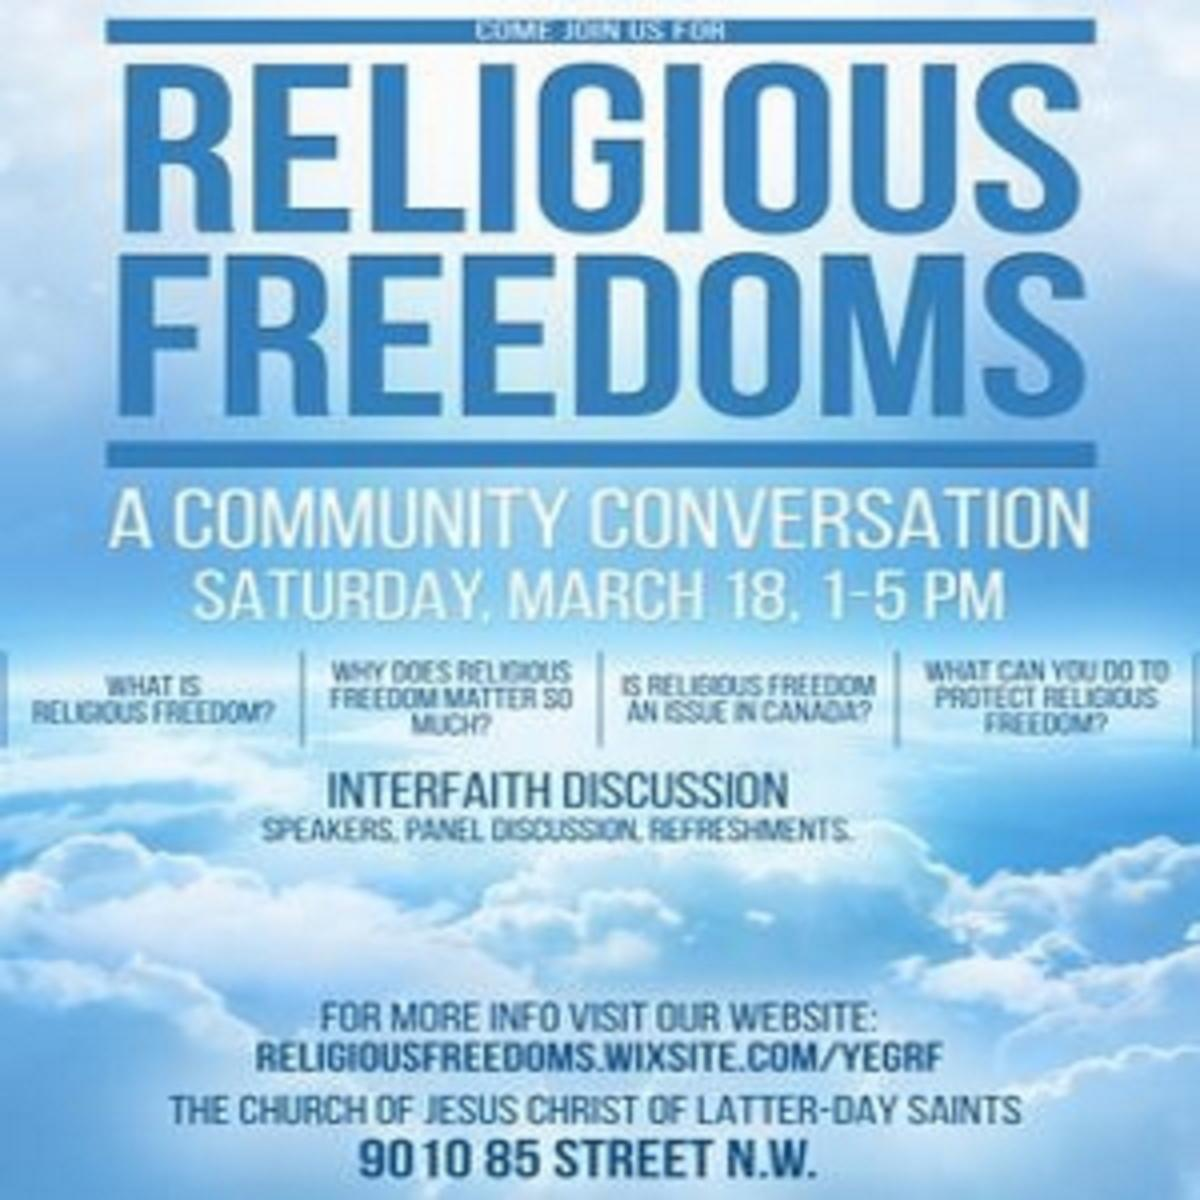 Religious Freedoms poster